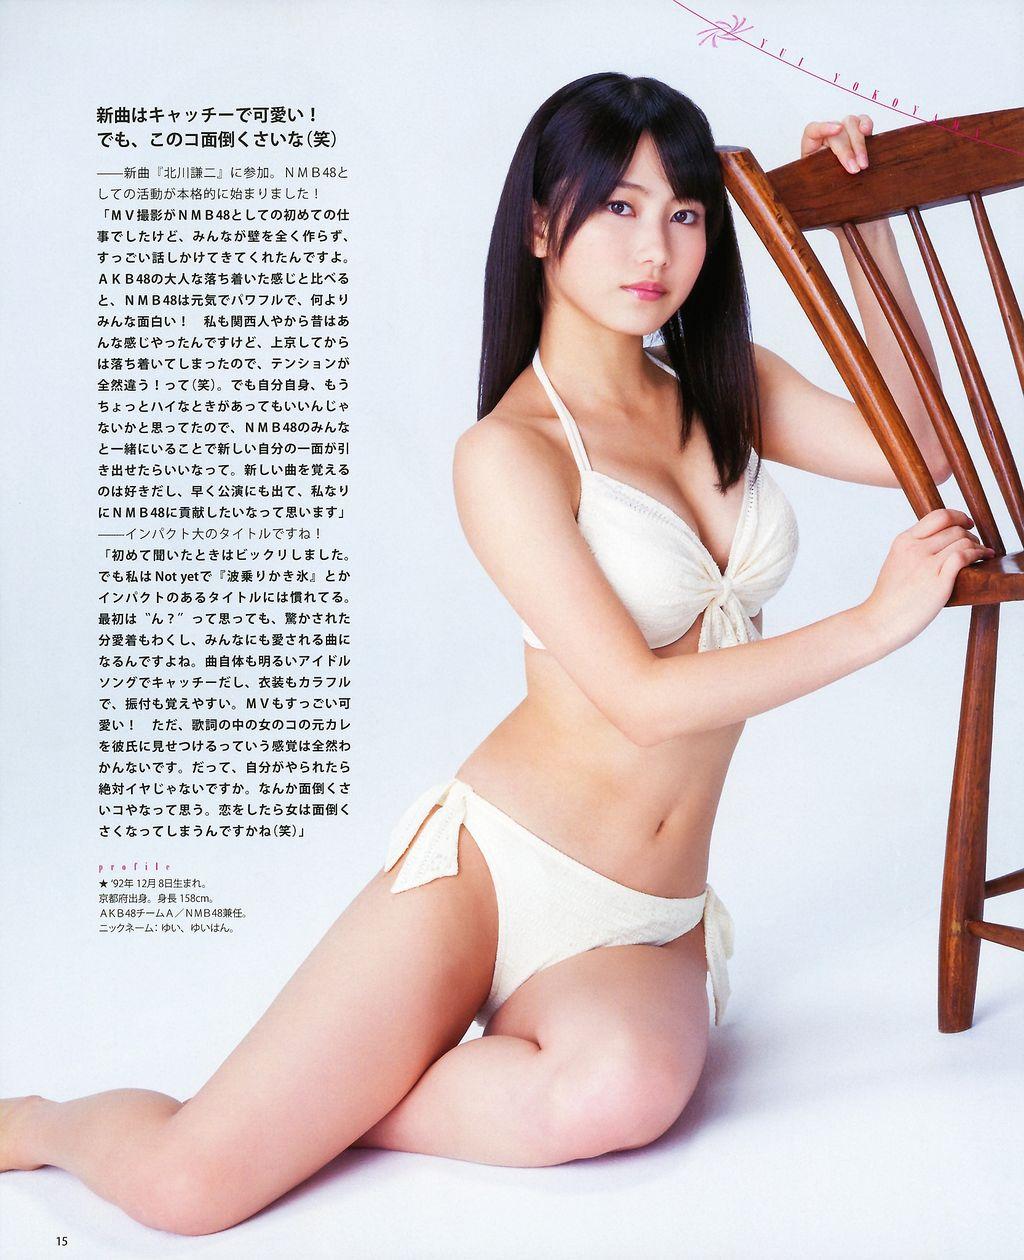 http://livedoor.blogimg.jp/akb48images/imgs/e/8/e86a8043.jpg